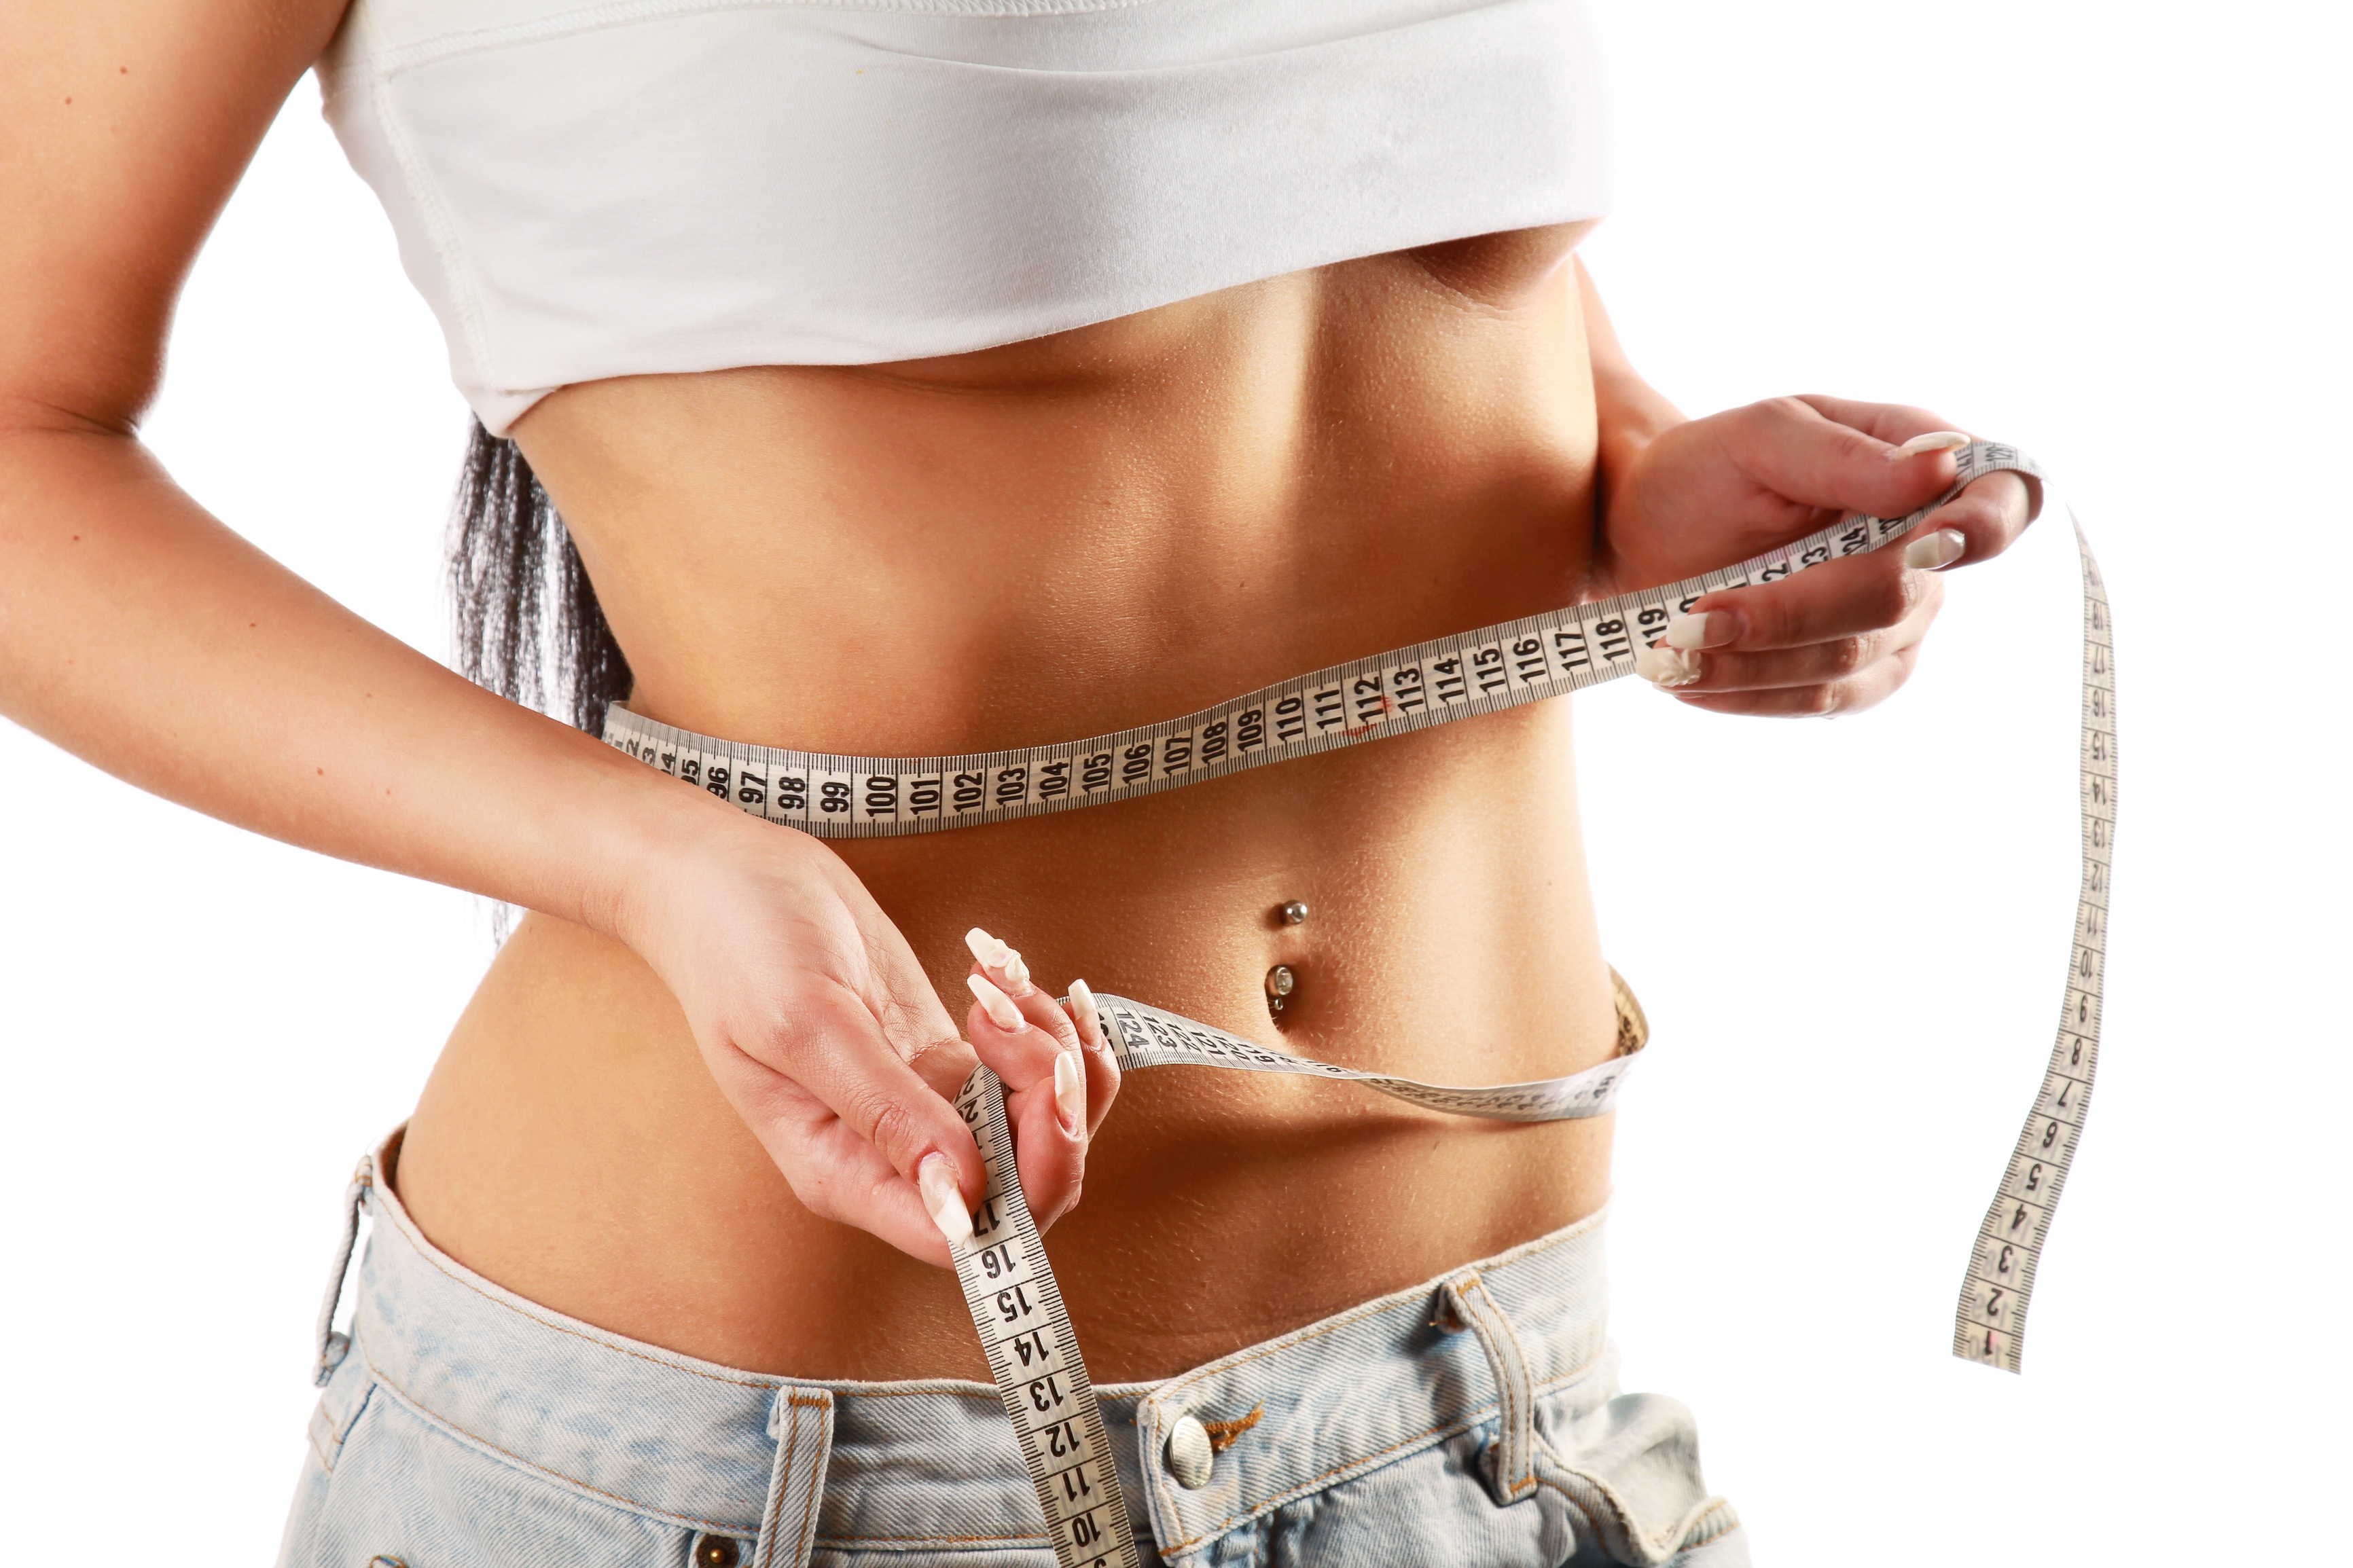 жир живота уходит последнюю очередь